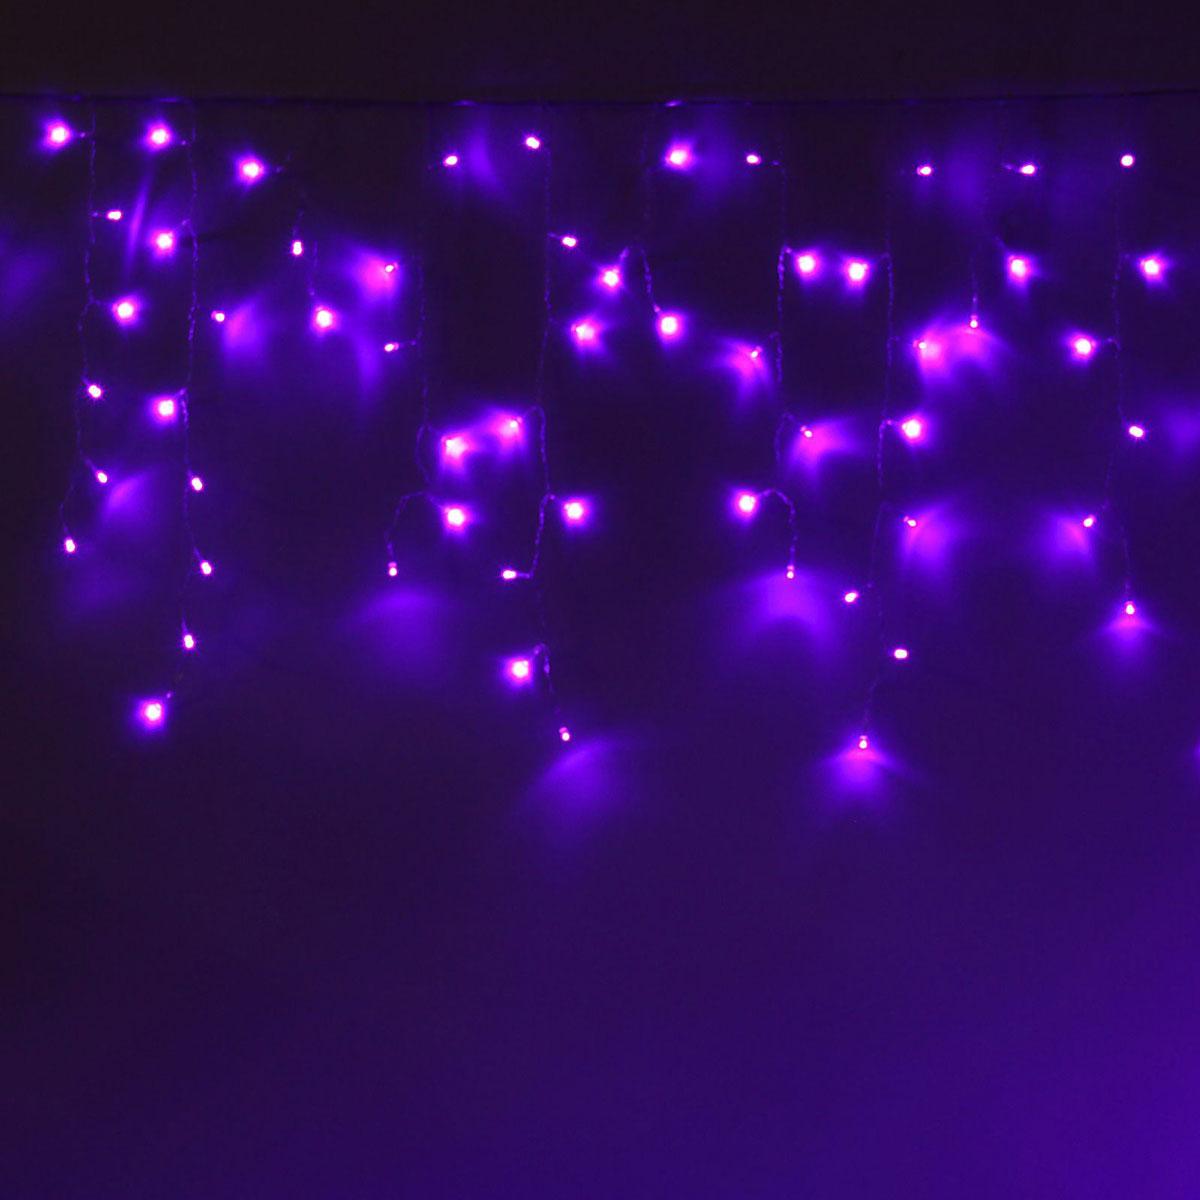 Гирлянда светодиодная Luazon Бахрома, 8 режимов, 299 ламп, 220 V, цвет: фиолетовый, 5,2 х 0,6 м. 10804251080425Светодиодные гирлянды, ленты и т.д — это отличный вариант для новогоднего оформления интерьера или фасада. С их помощью помещение любого размера можно превратить в праздничный зал, а внешние элементы зданий, украшенные ими, мгновенно станут напоминать очертания сказочного дворца. Такие украшения создают ауру предвкушения чуда. Деревья, фасады, витрины, окна и арки будто специально созданы, чтобы вы украсили их светящимися нитями.